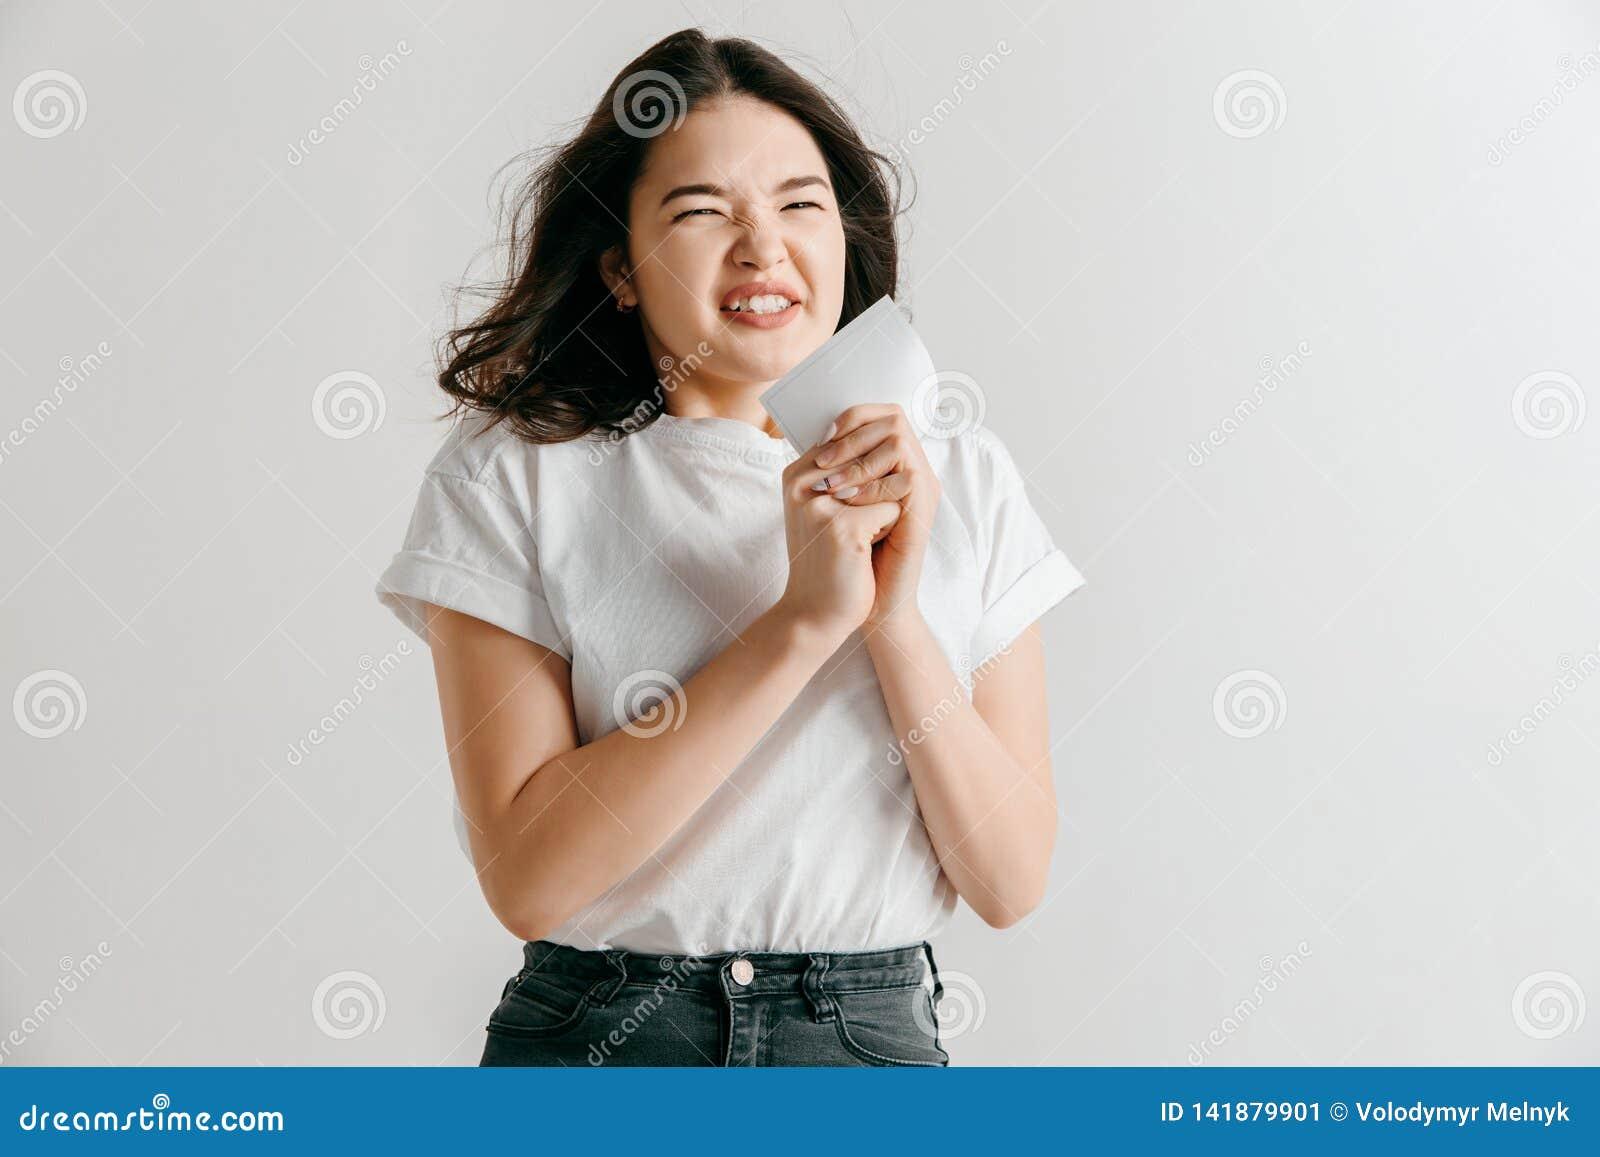 Młoda kobieta z zdziwionym wyrażeniem wygrywał zakład